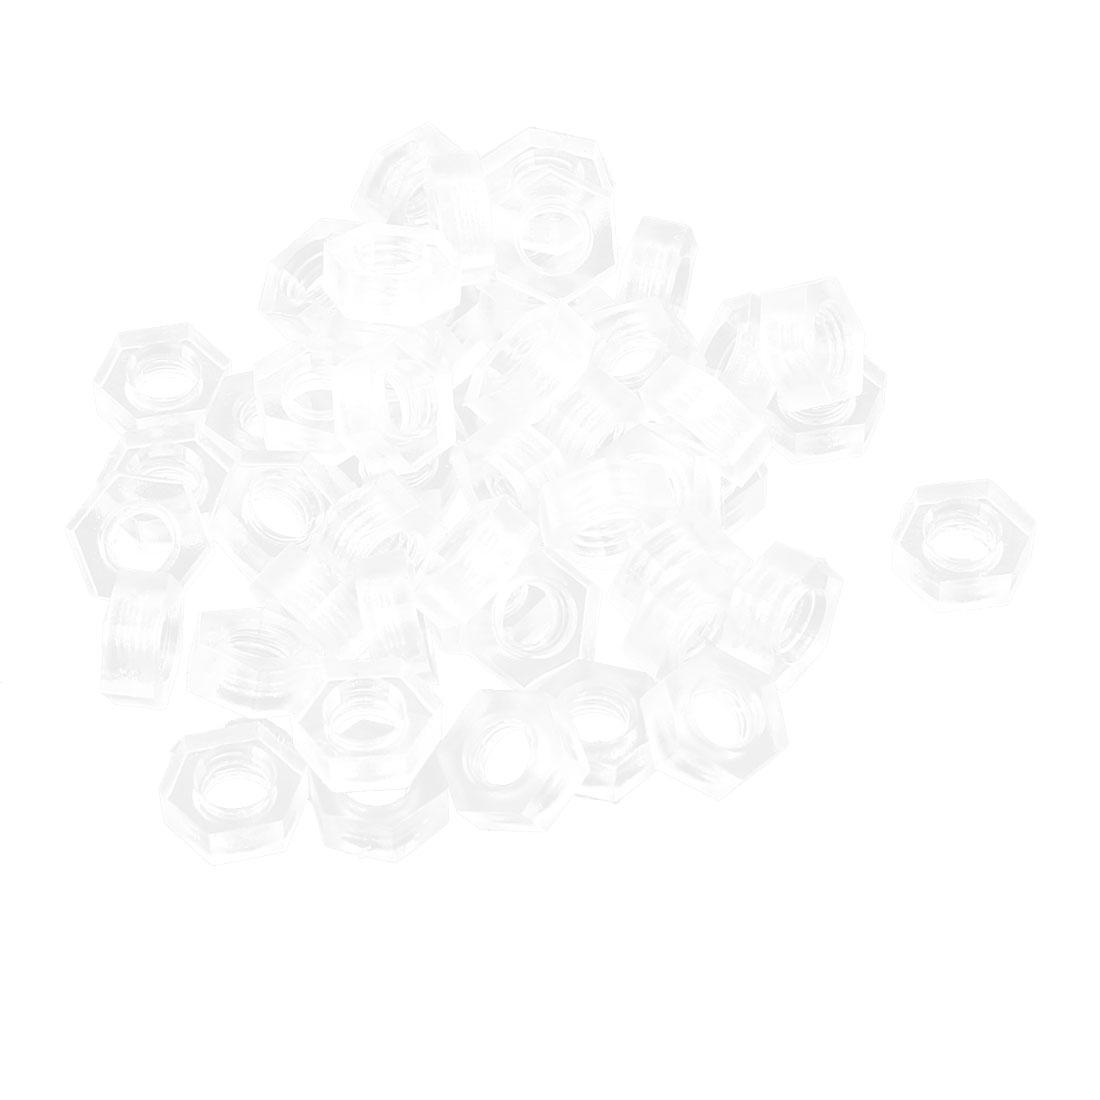 Metric M4 Nylon Hexagon Head Insert Lock Screw Fastener Hex Nuts Clear 50pcs